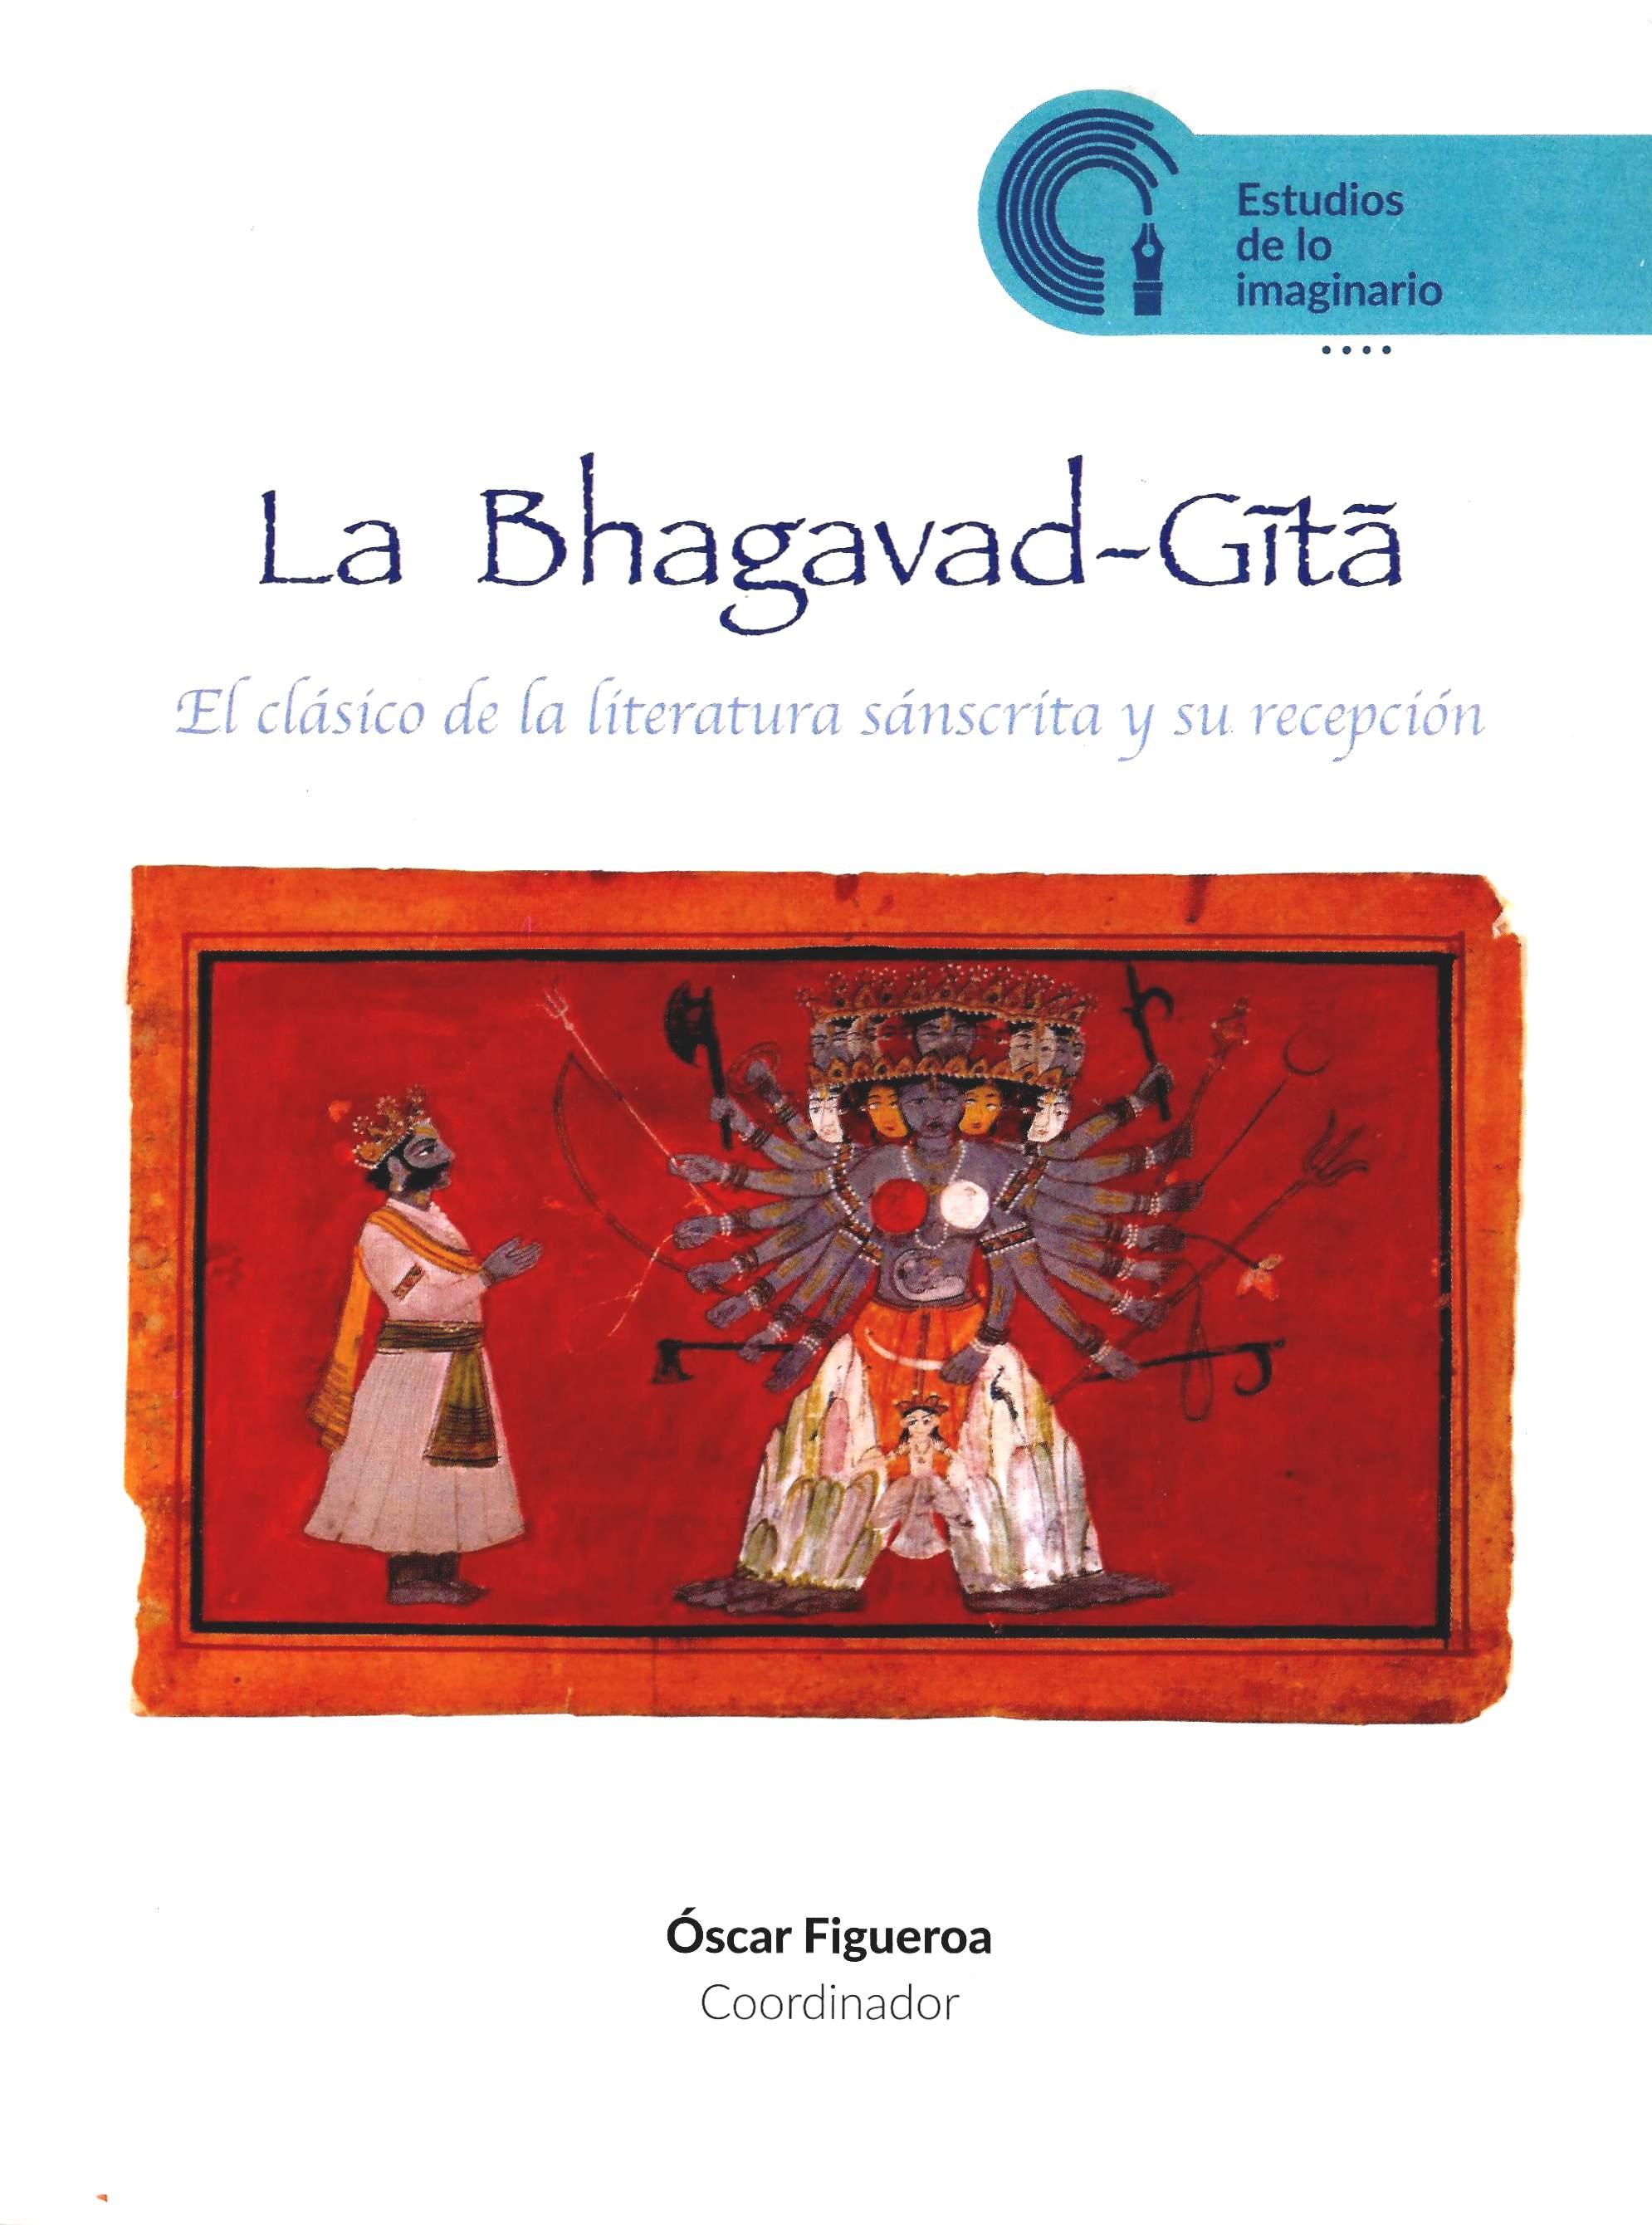 La Bhagavad-gita. El clásico de la literatura sánscrita y su recepción